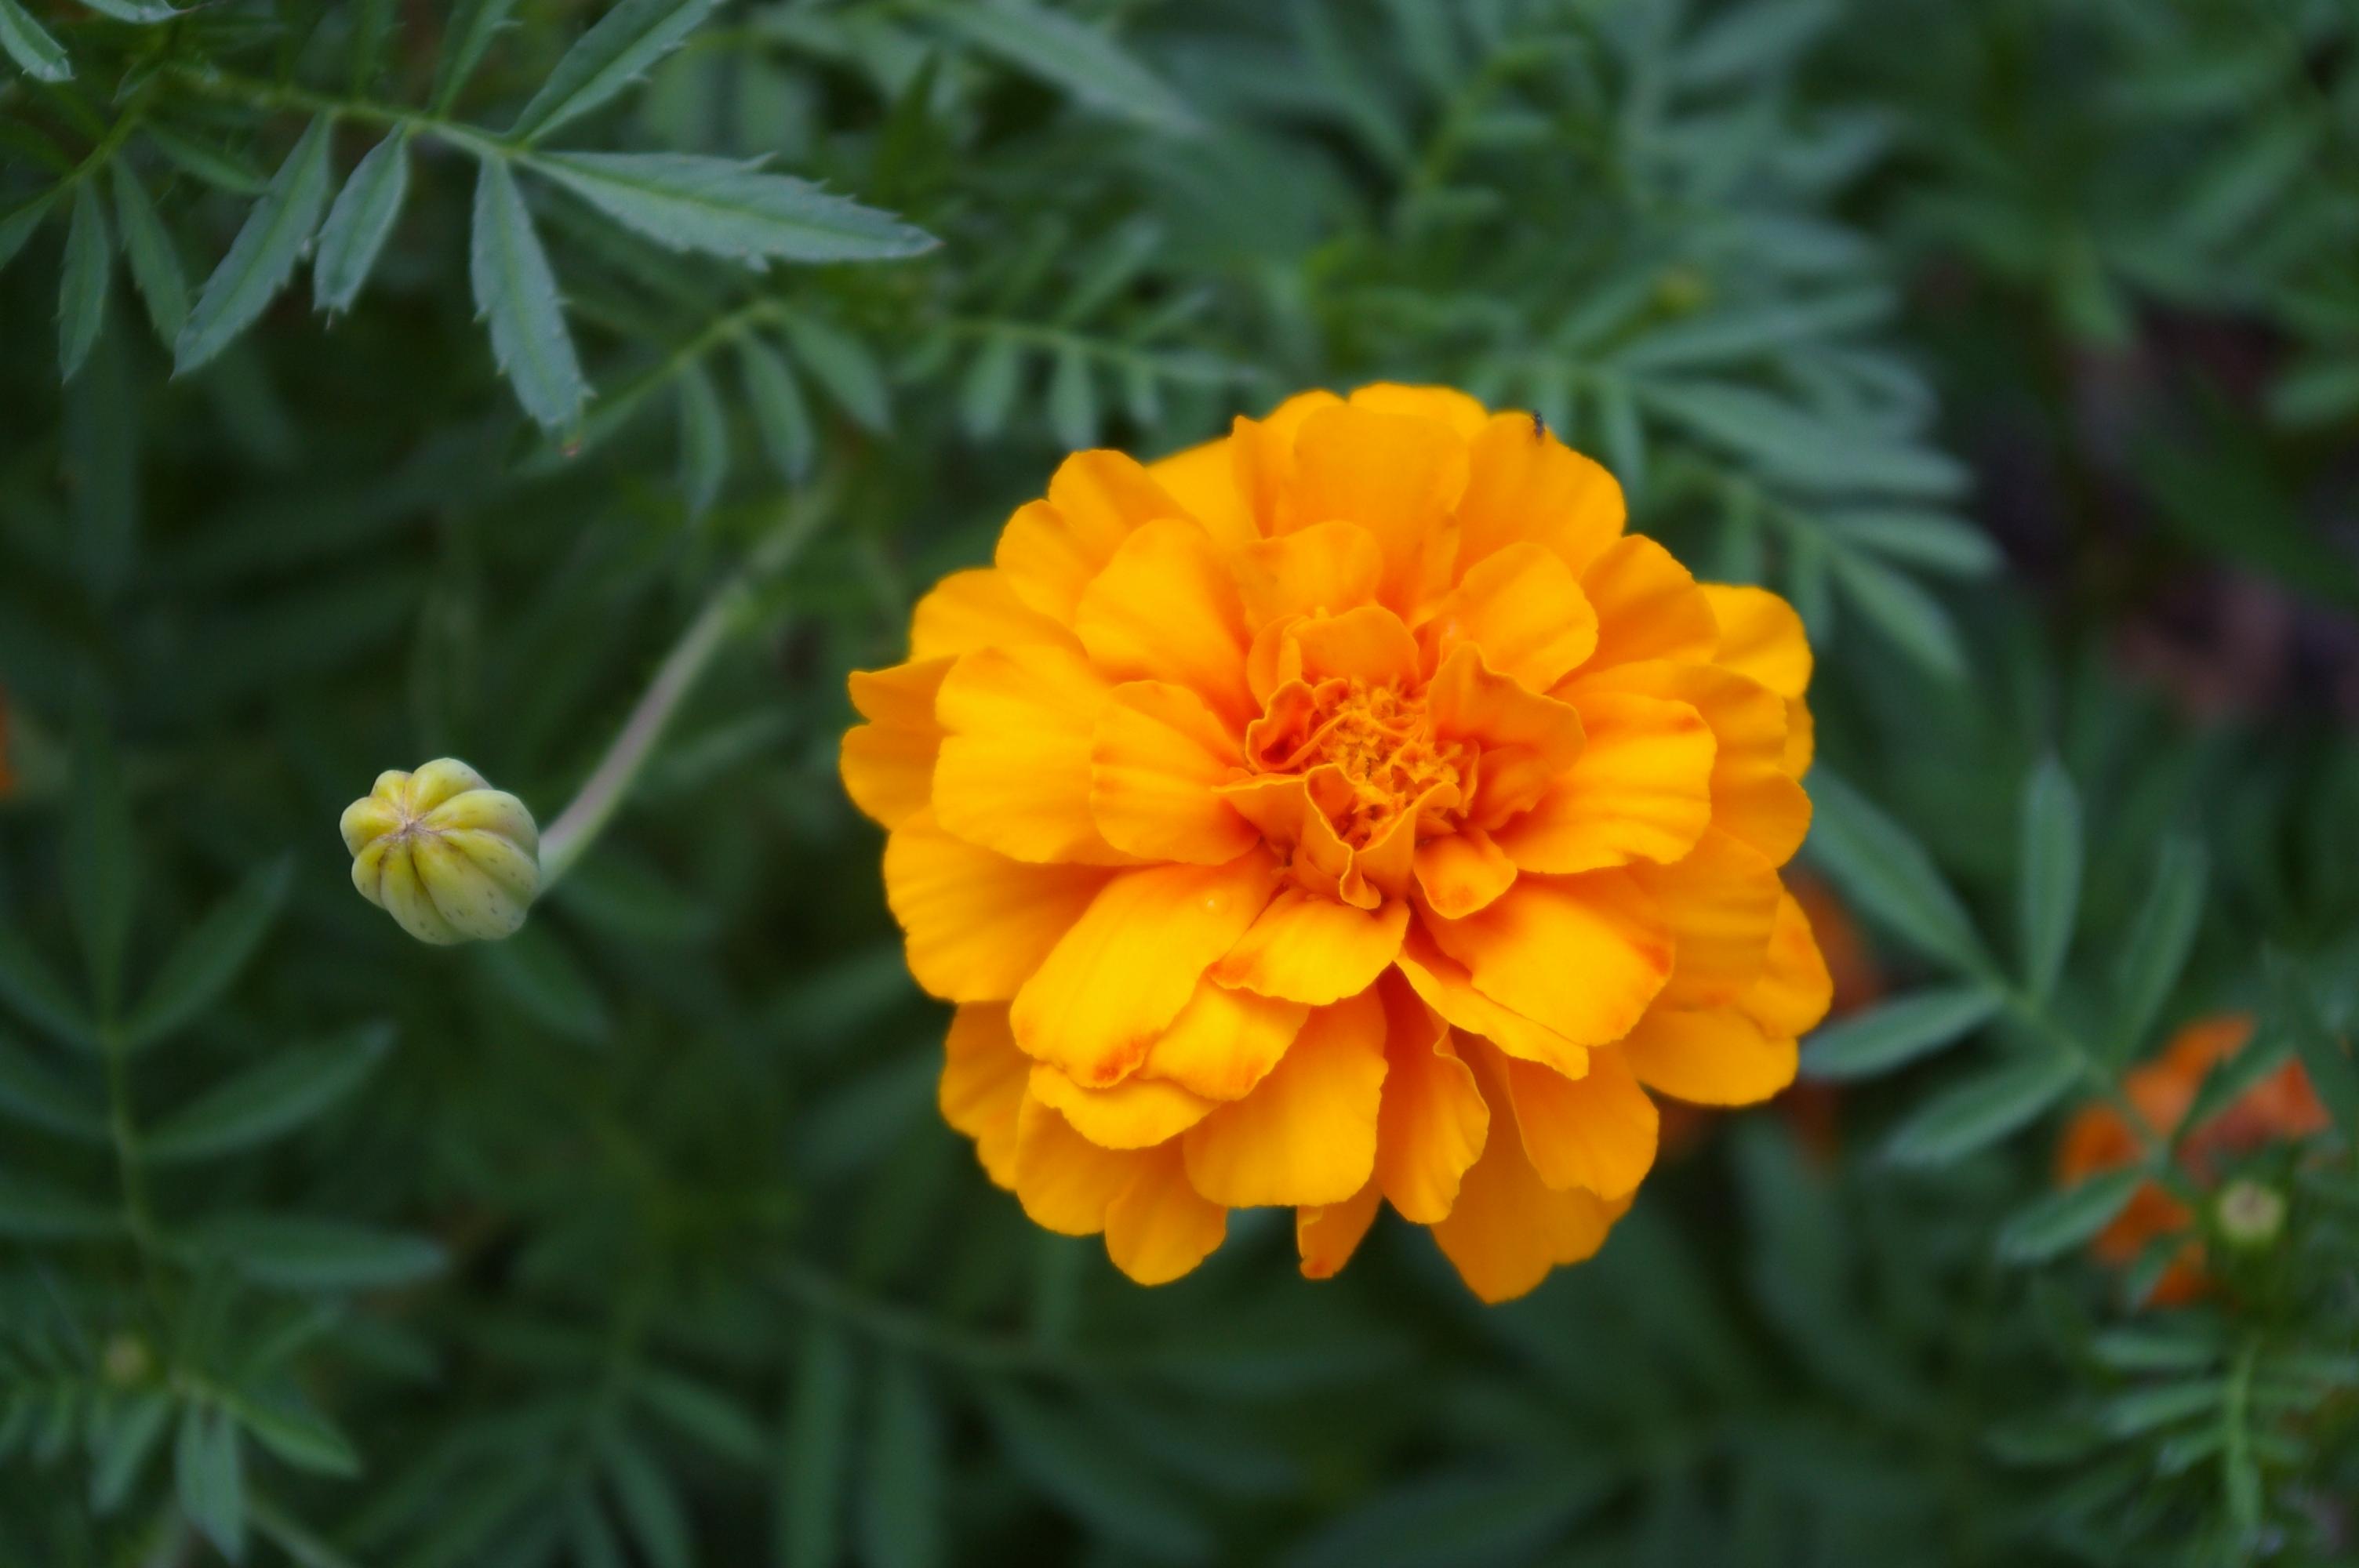 Bông hoa cúc vạn thọ màu cam đẹp